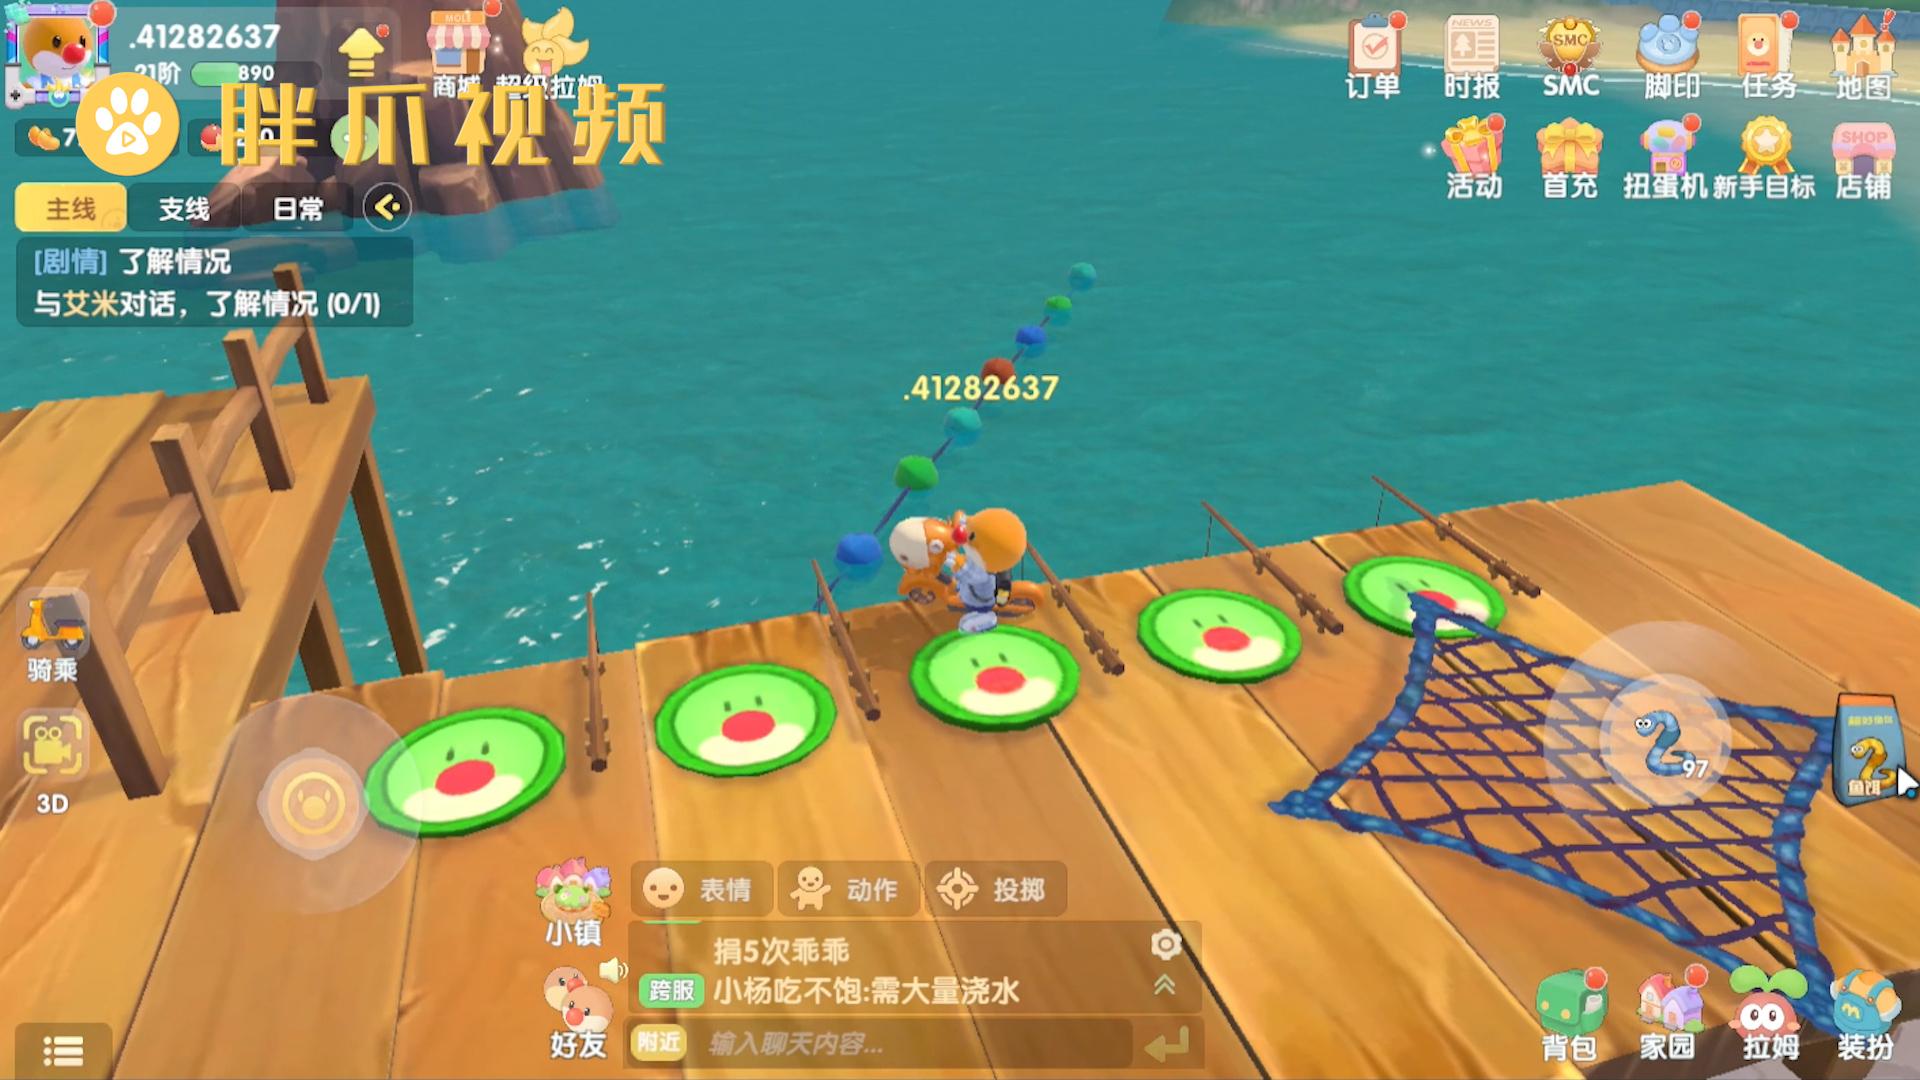 摩尔庄园怎么钓魔鳉鱼(2)